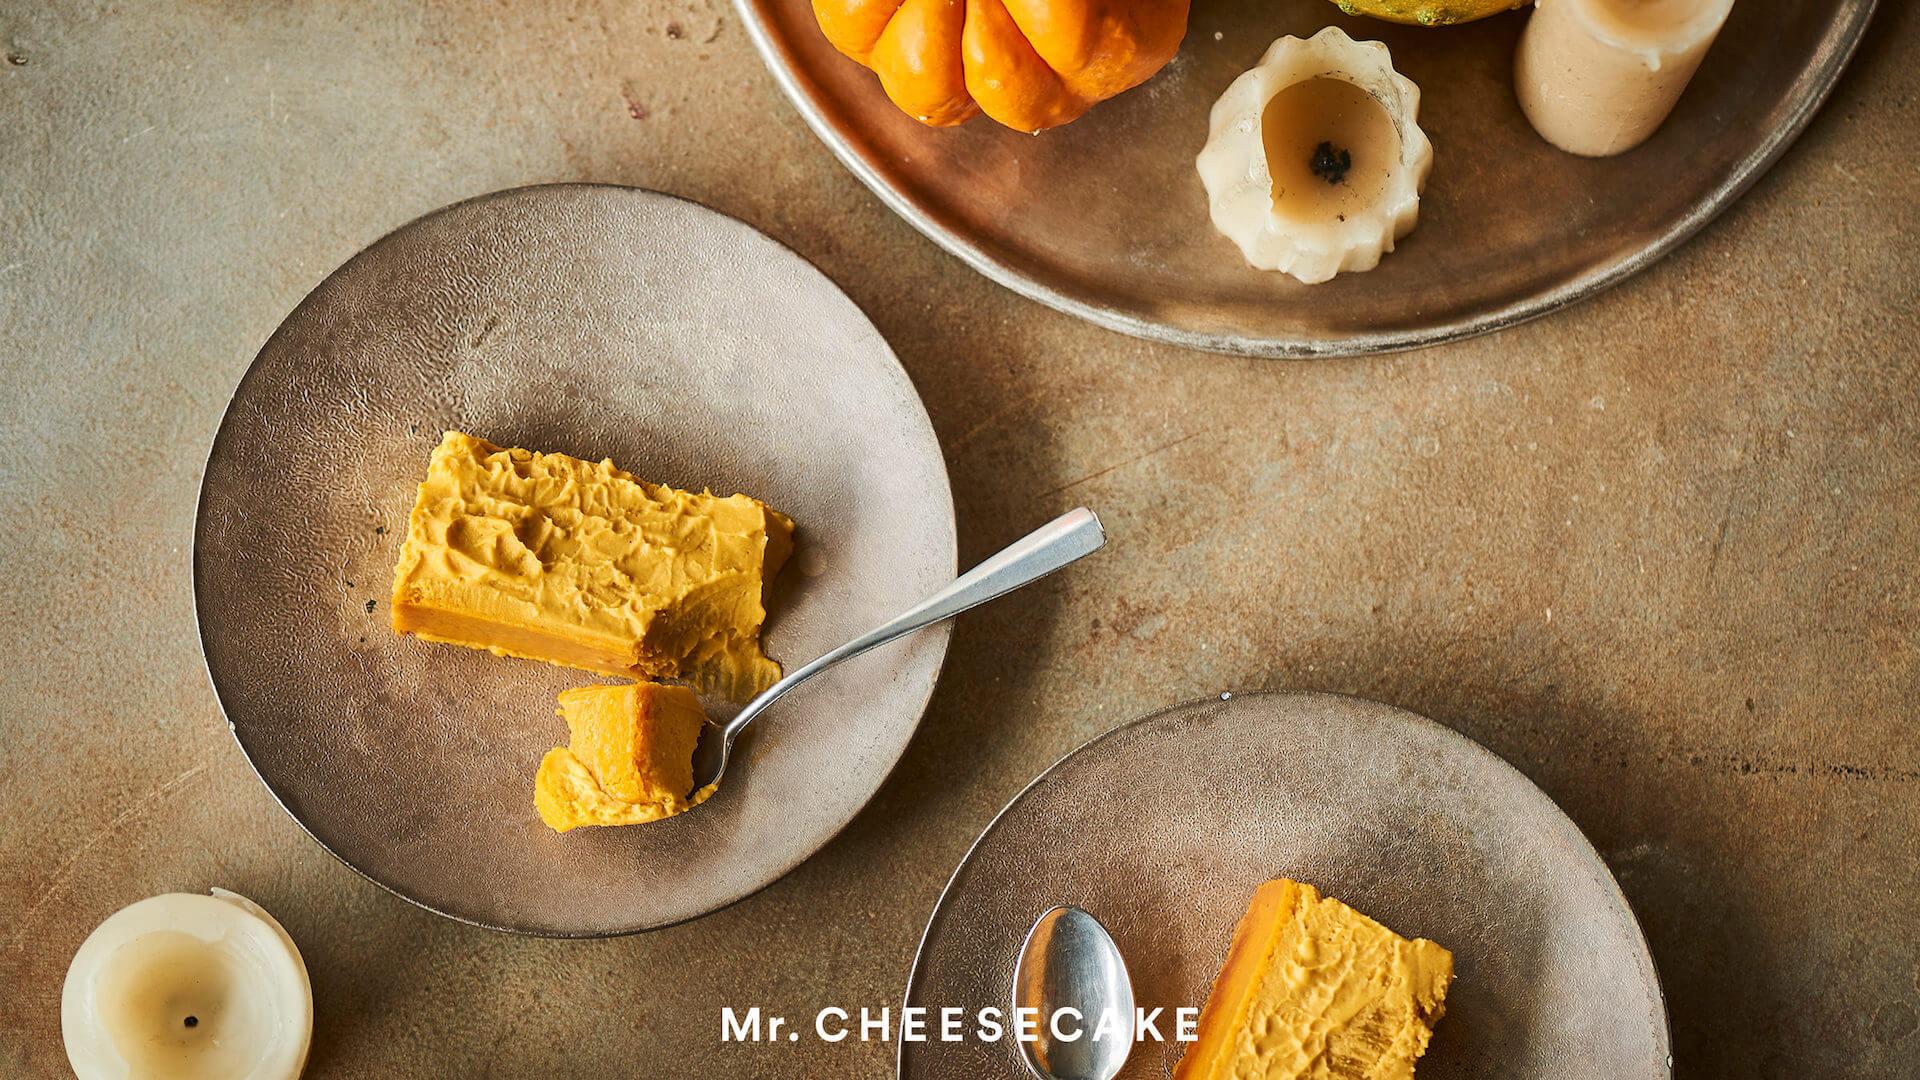 チーズケーキ専門店Mr. CHEESECAKEでハロウィン限定フレーバー「パンプキン バタースコッチ」が数量限定販売決定! gourmet200928_mrcheesecake_7